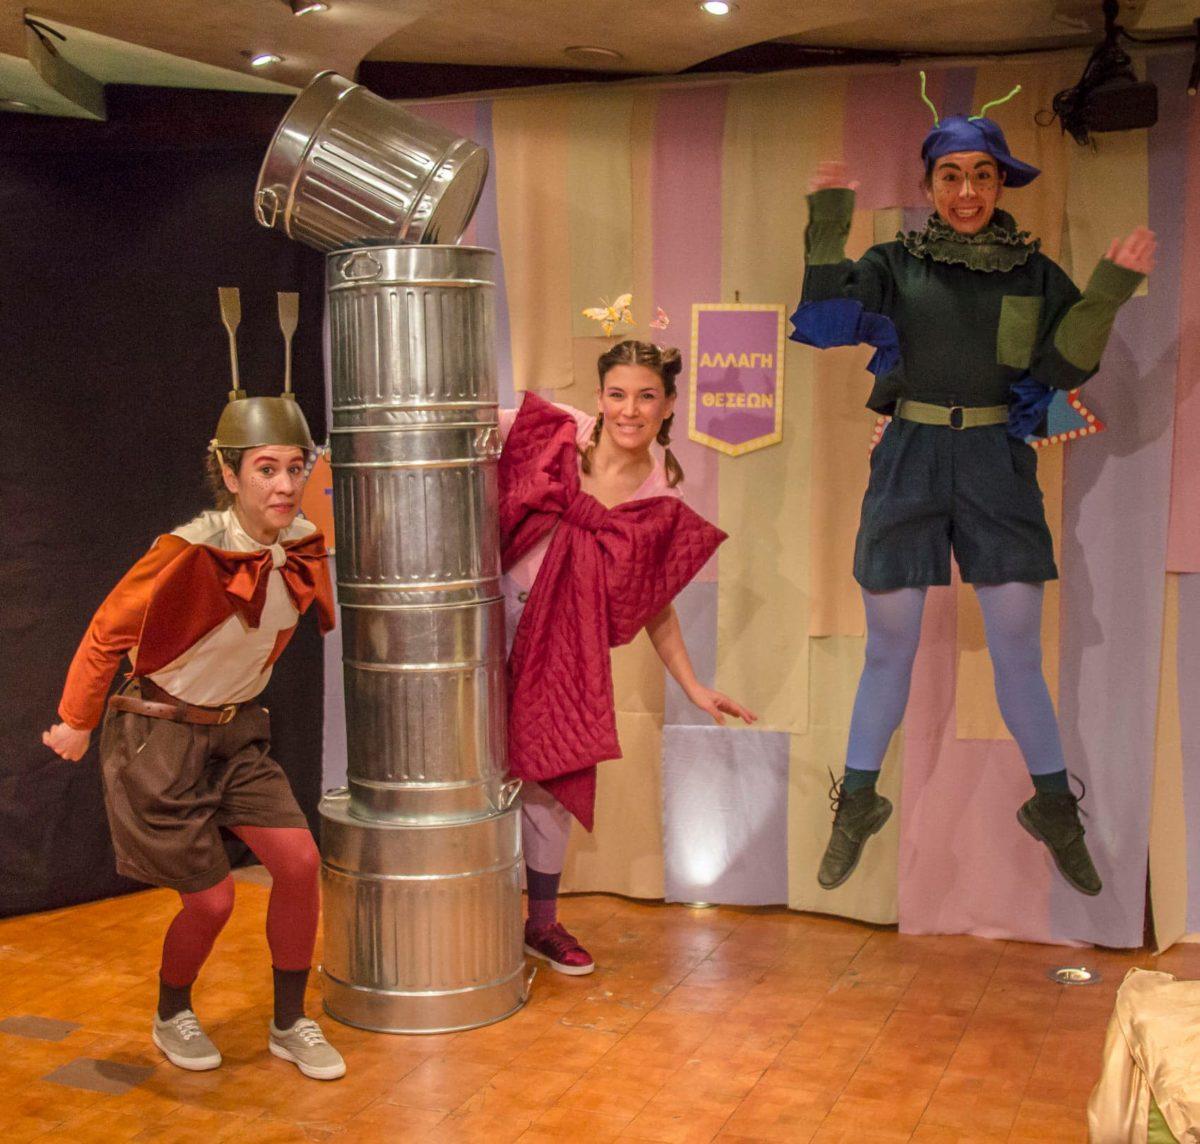 «Τζίτζικας και Μέρμηγκας… η ιστορία αλλιώς»: Η παιδική παράσταση του Ιδρύματος Θεοχαράκη (από 18/10)